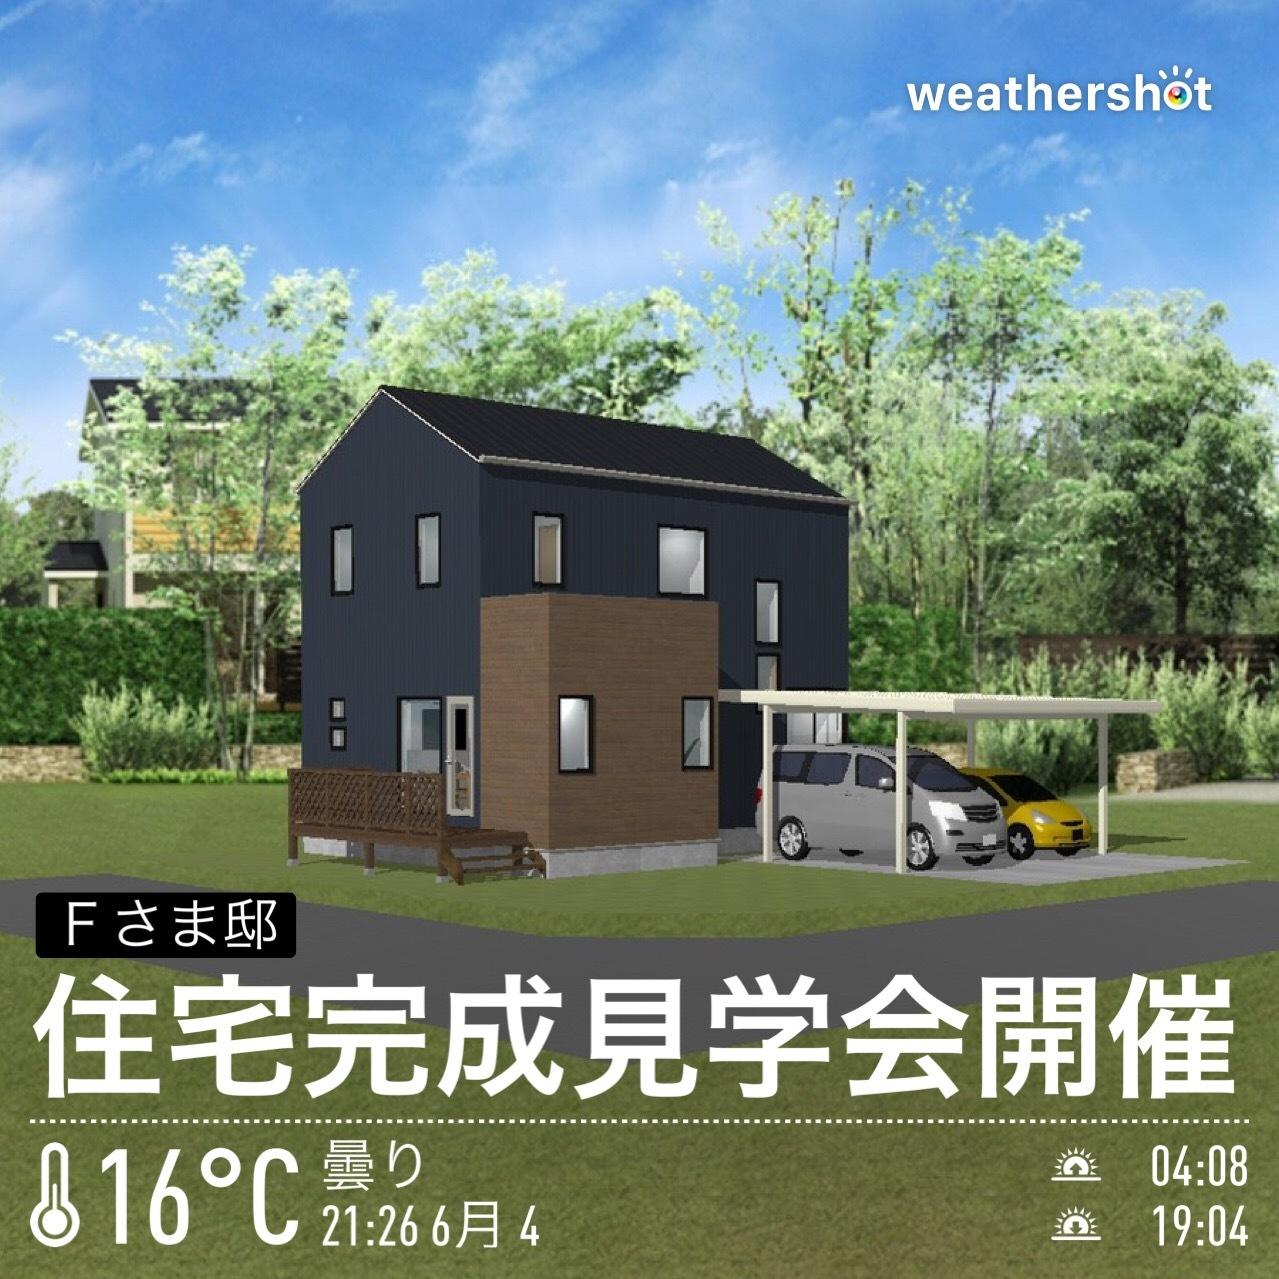 2019/6/4 住宅完成見学会のお知らせ_f0116421_21354394.jpeg